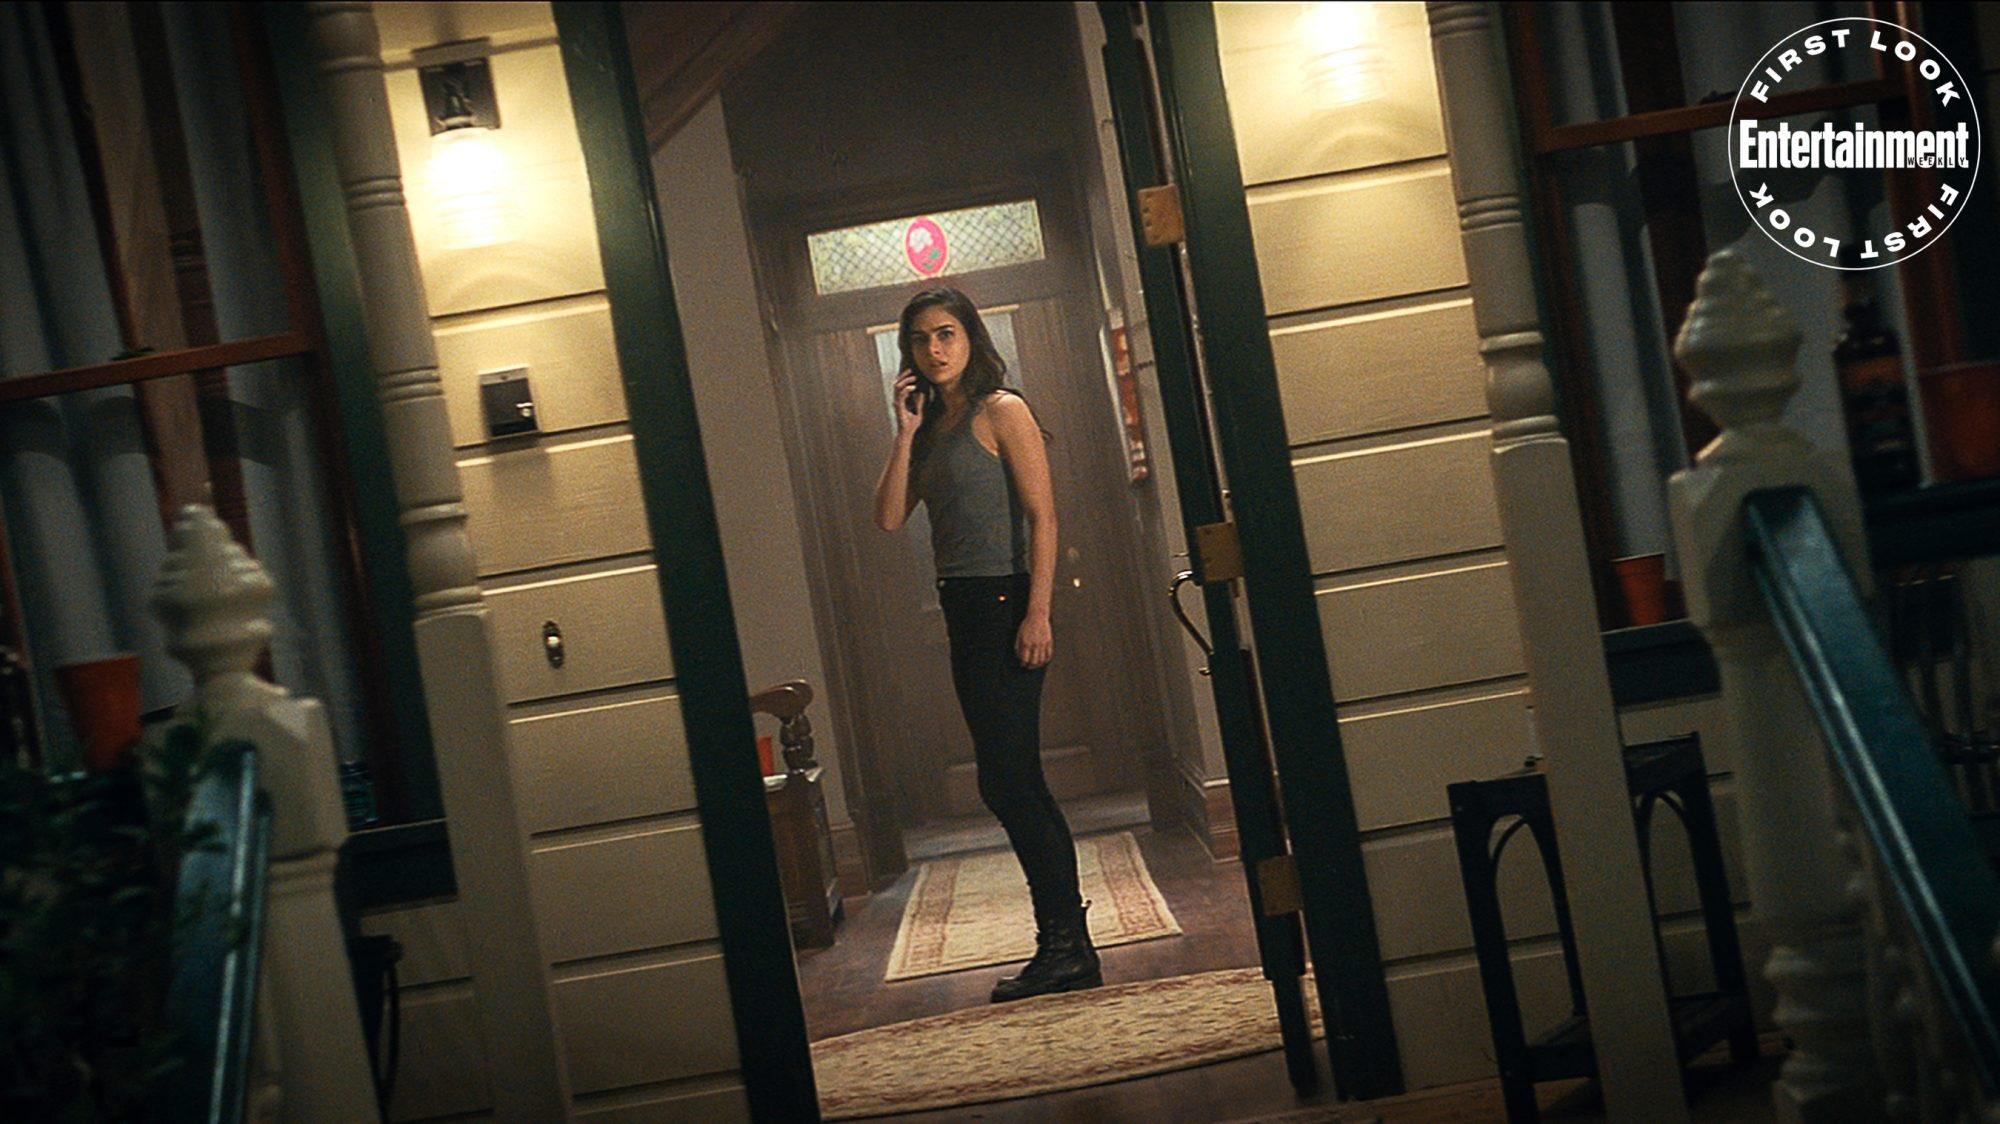 Popüler korku filmi serisi Scream'in yeni filminden ilk görseller paylaşıldı